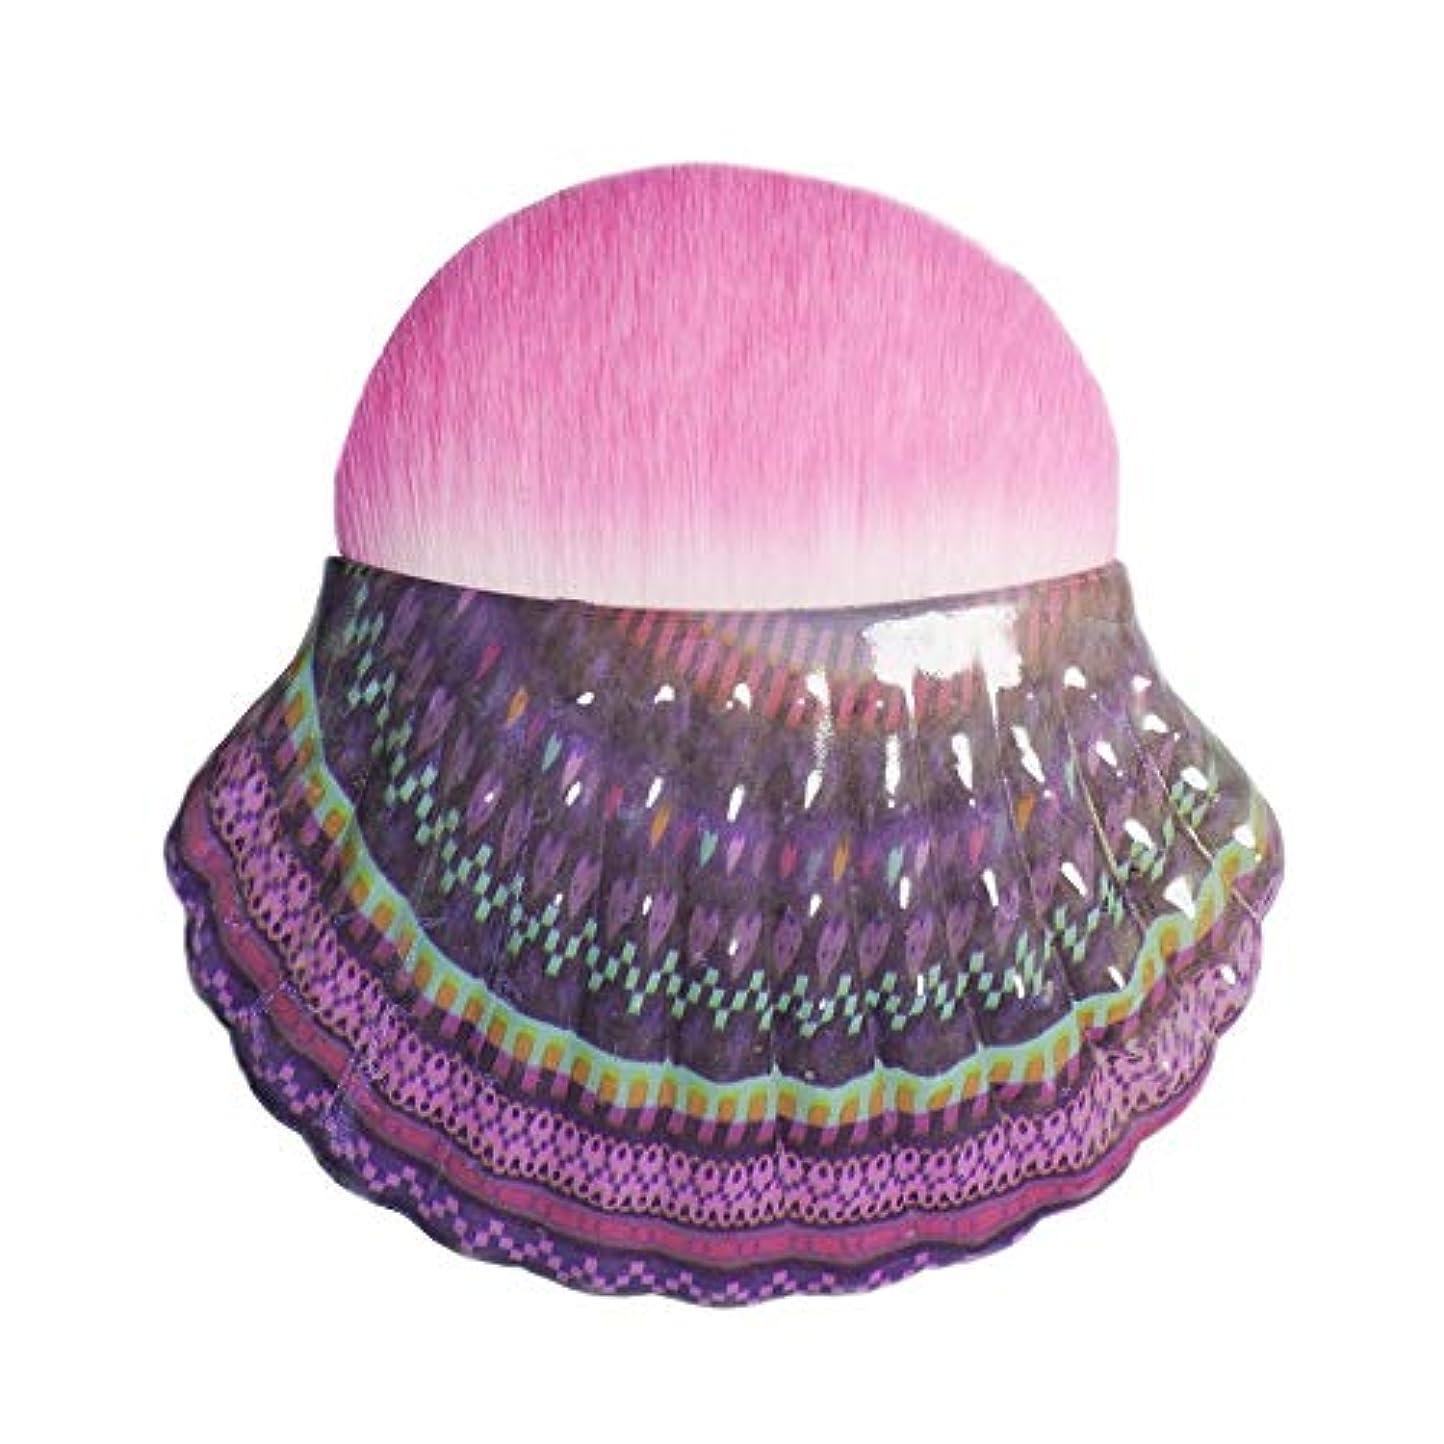 規制候補者論文Makeup brushes 化粧シングルシェル赤面ブラシ化粧ブラシツールポータブル多機能化粧ブラシ、ピンク suits (Color : Pink Gradient)